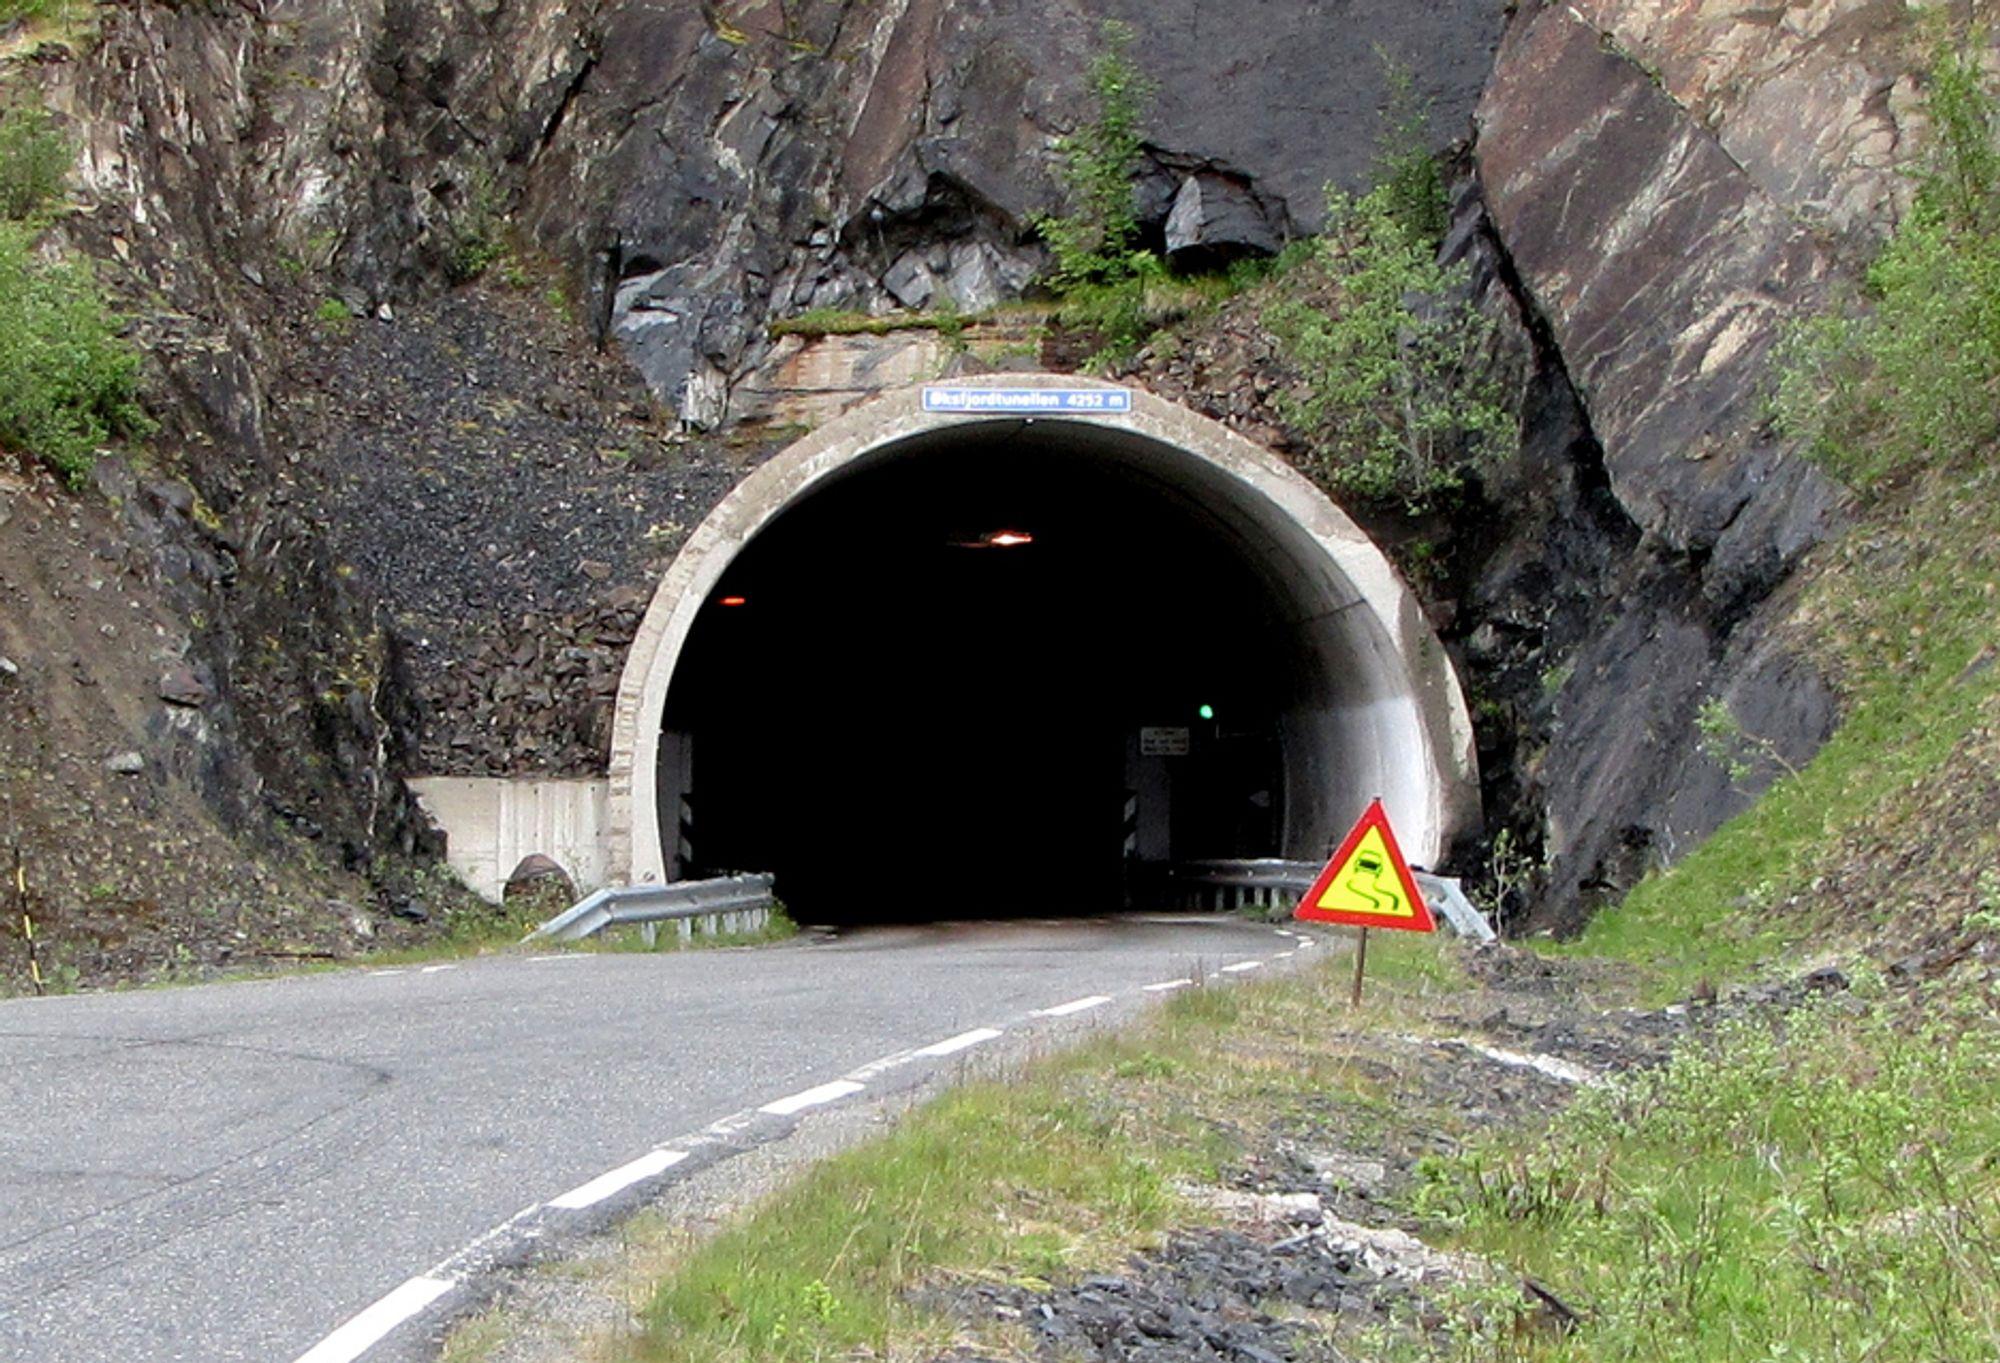 Leohard Nilsen & Sønner fra Risøyhamn har fått kontrakten på oppgradering av Øksfjordtunnelen. Bildet viser østre påhugg.